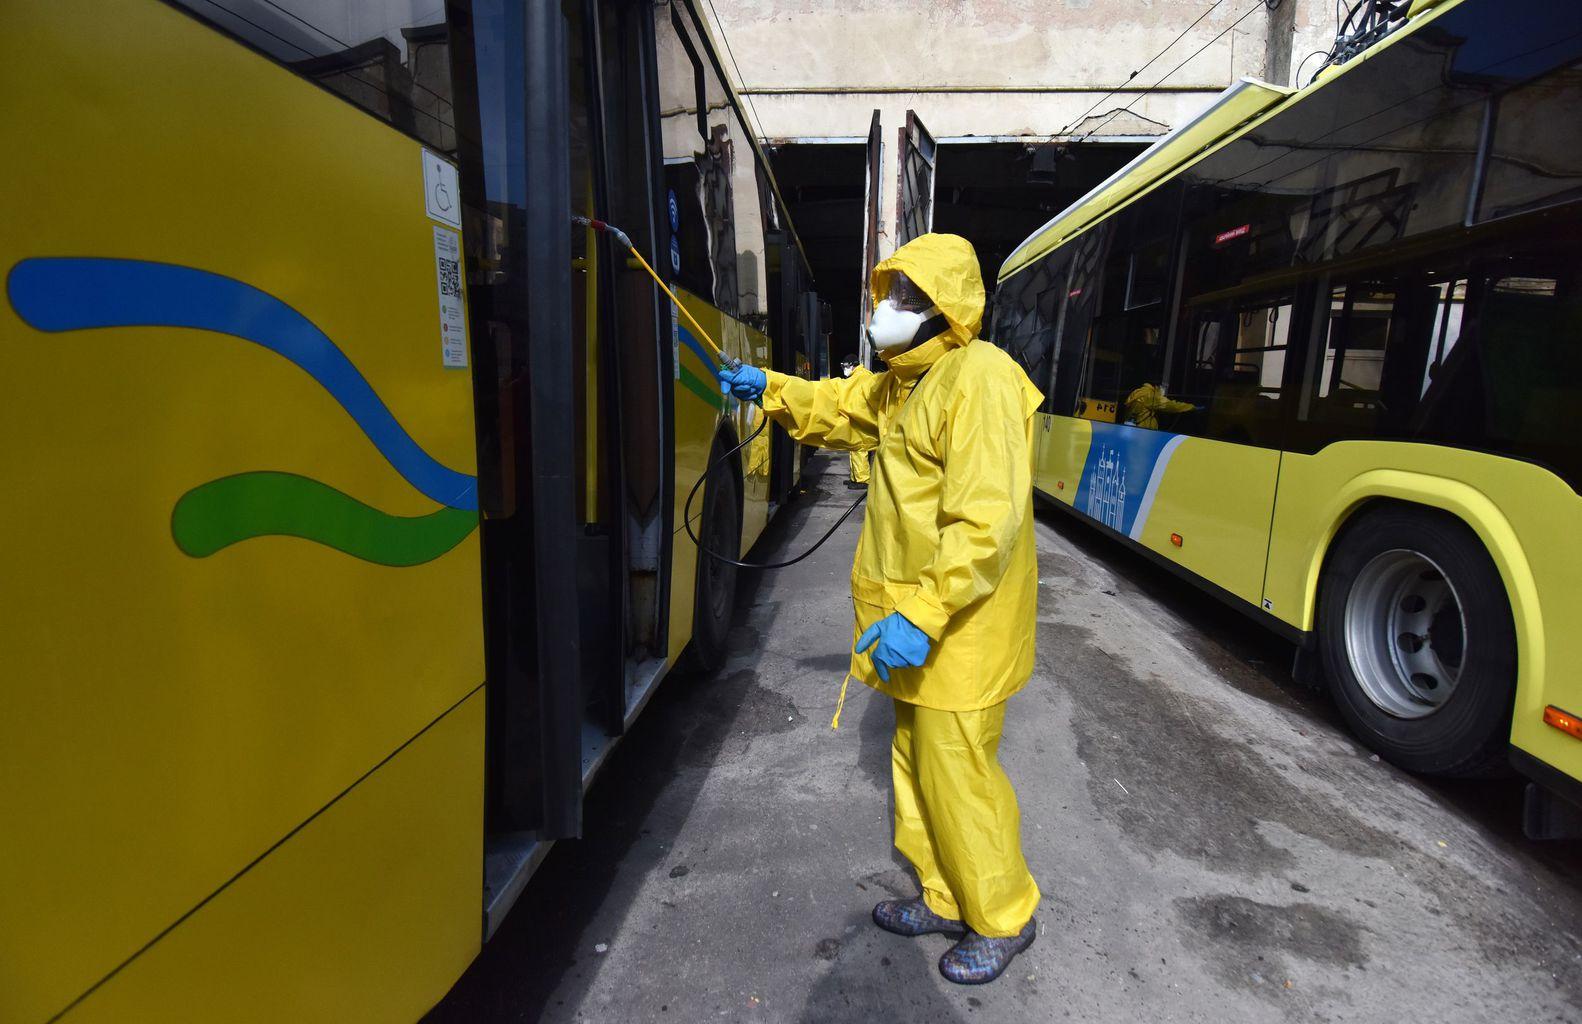 Biztonsági öltözetben fertőtleníti a buszokat egy munkás Lviv-ben, Ukrajnában 2020. március 12-én #moszkvater